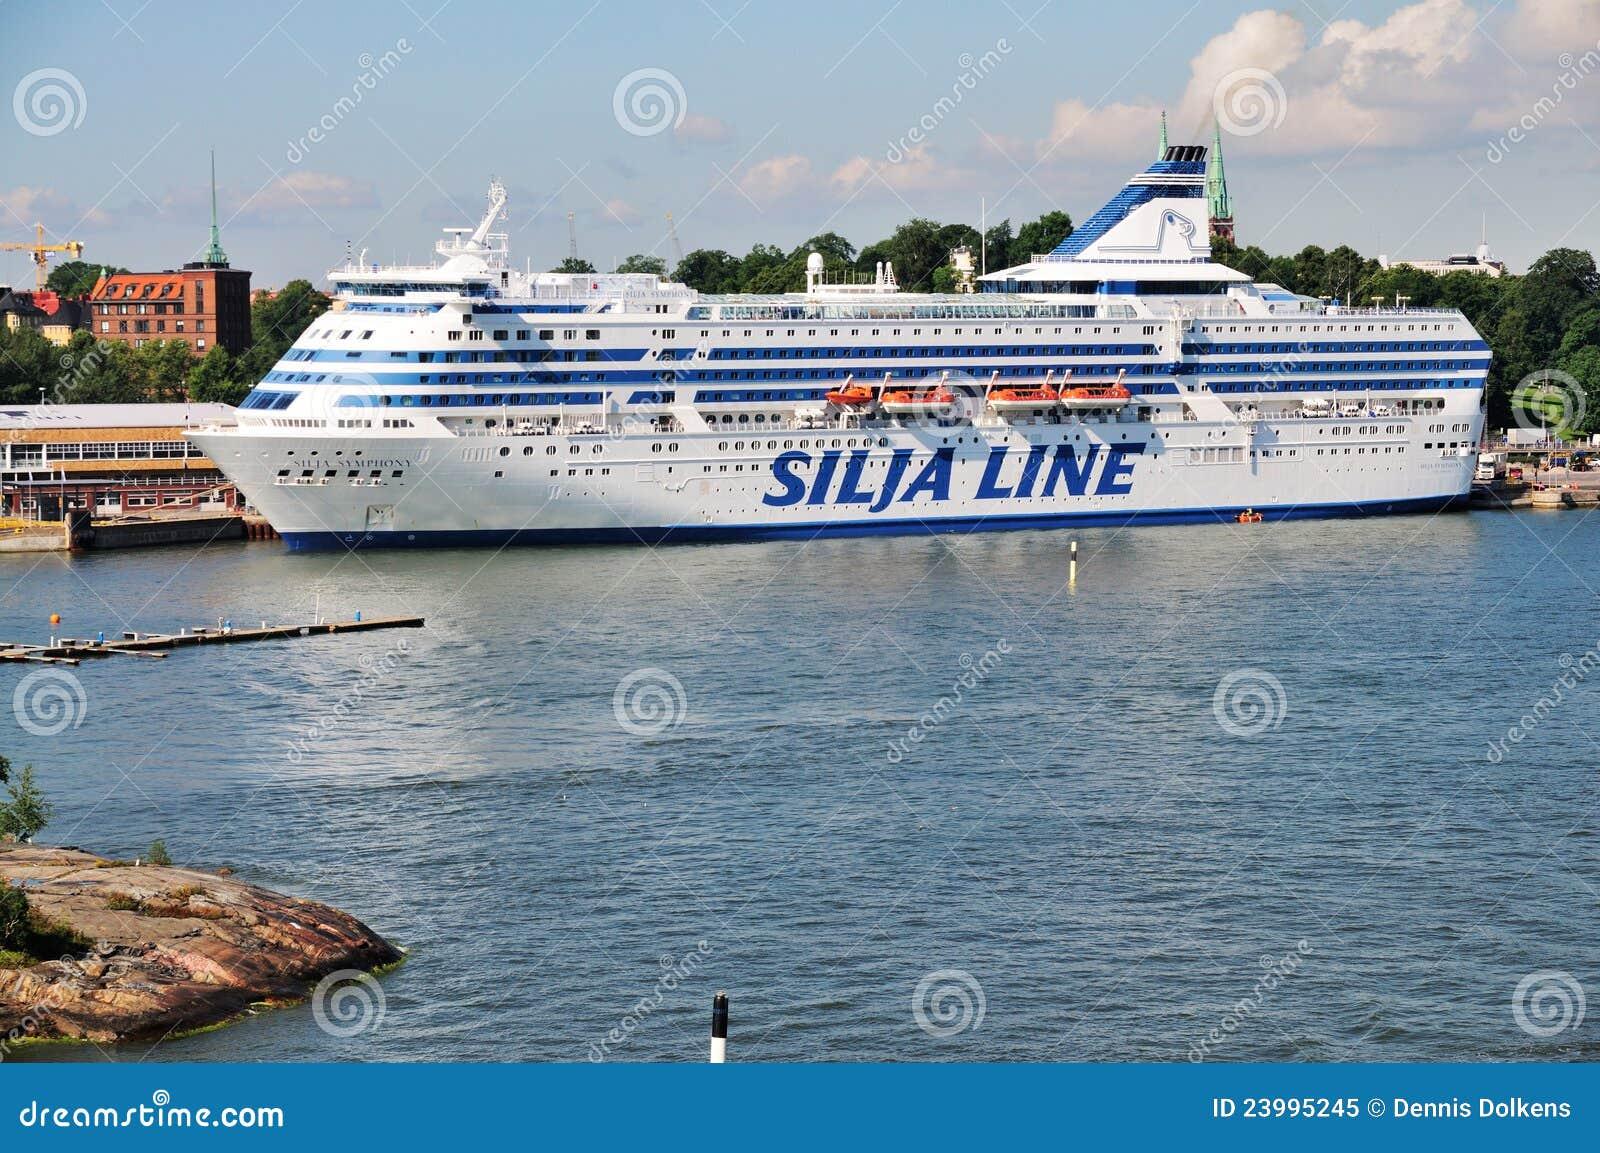 Finland hamnhelsinki linje silja